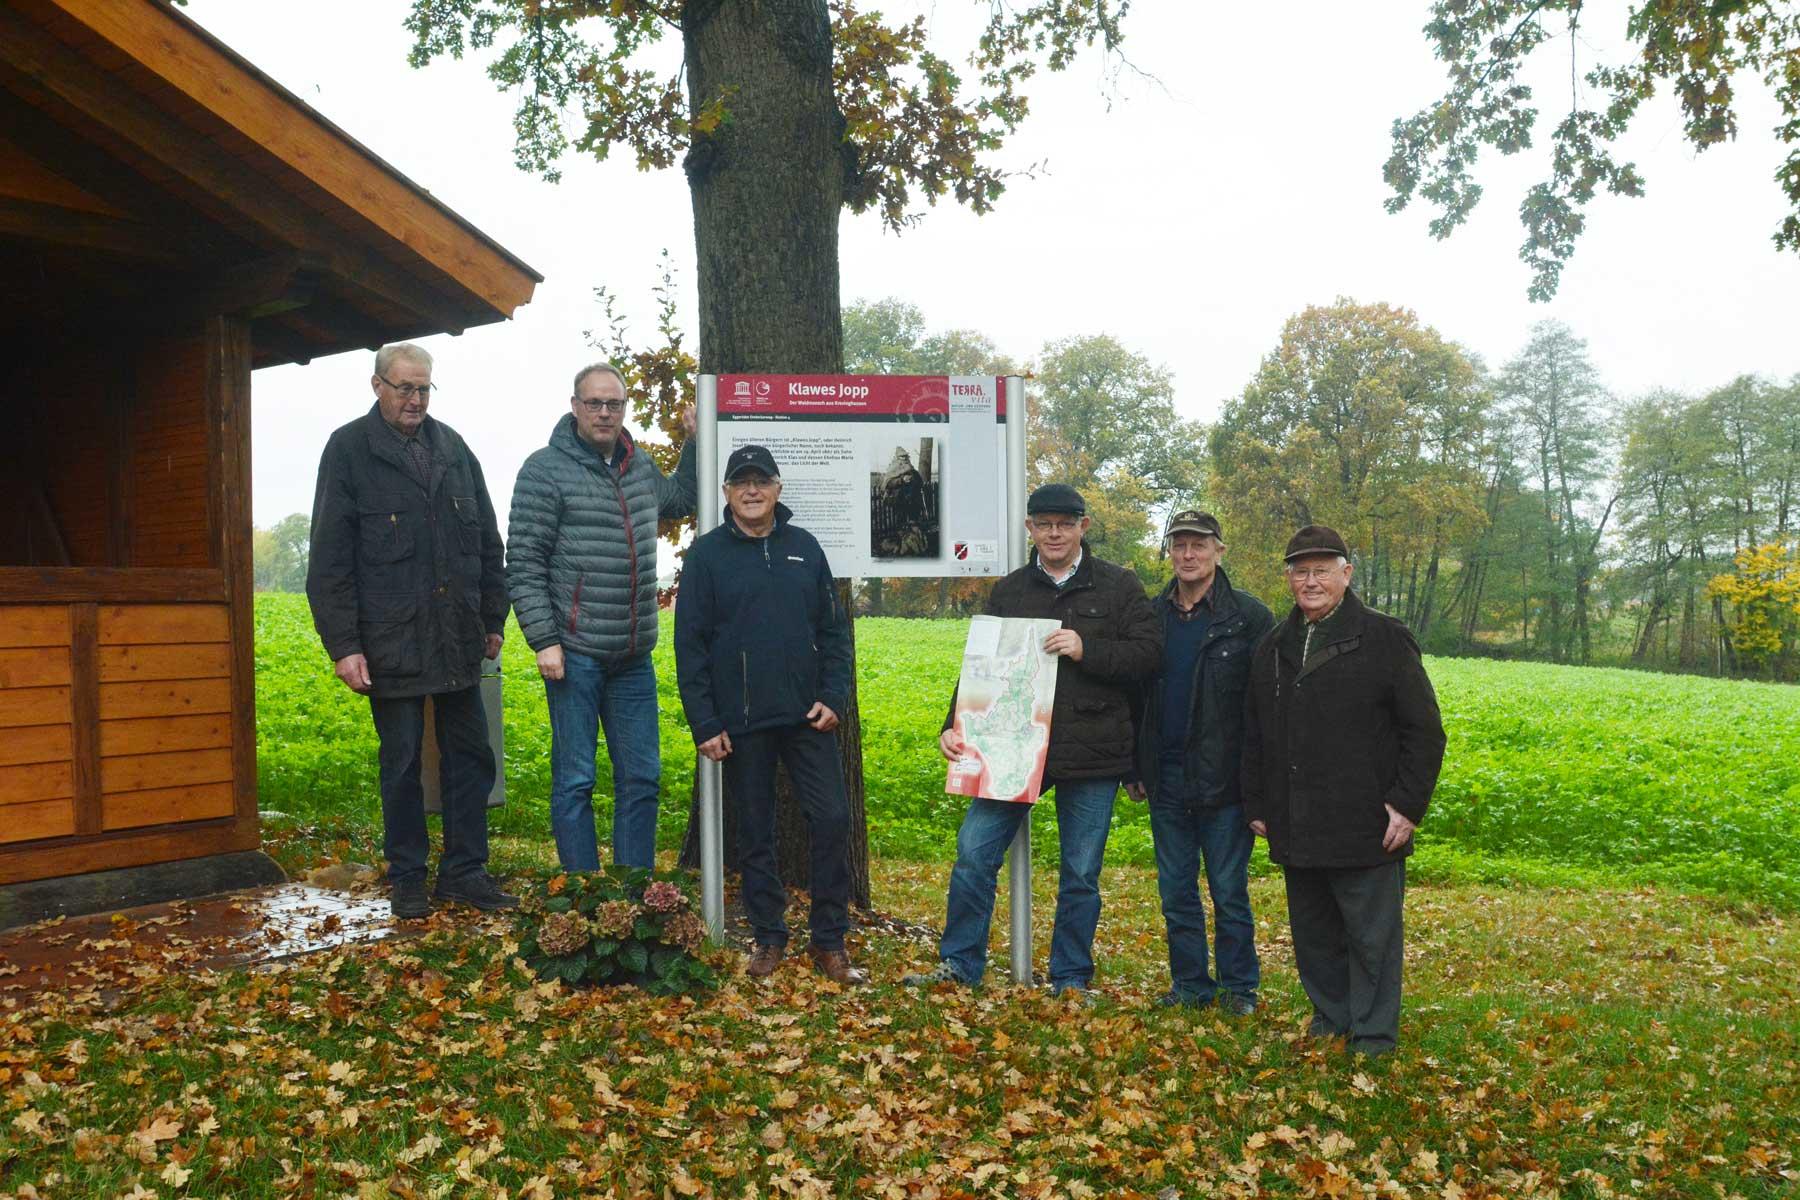 Theo Künne, Bürgermeister Markus Frerker, Klaus Meister, Georg Geers, Theo Schulte und Gerd Bruns bei der offiziellen Übergabe des Eggertaler Entdeckerweges.